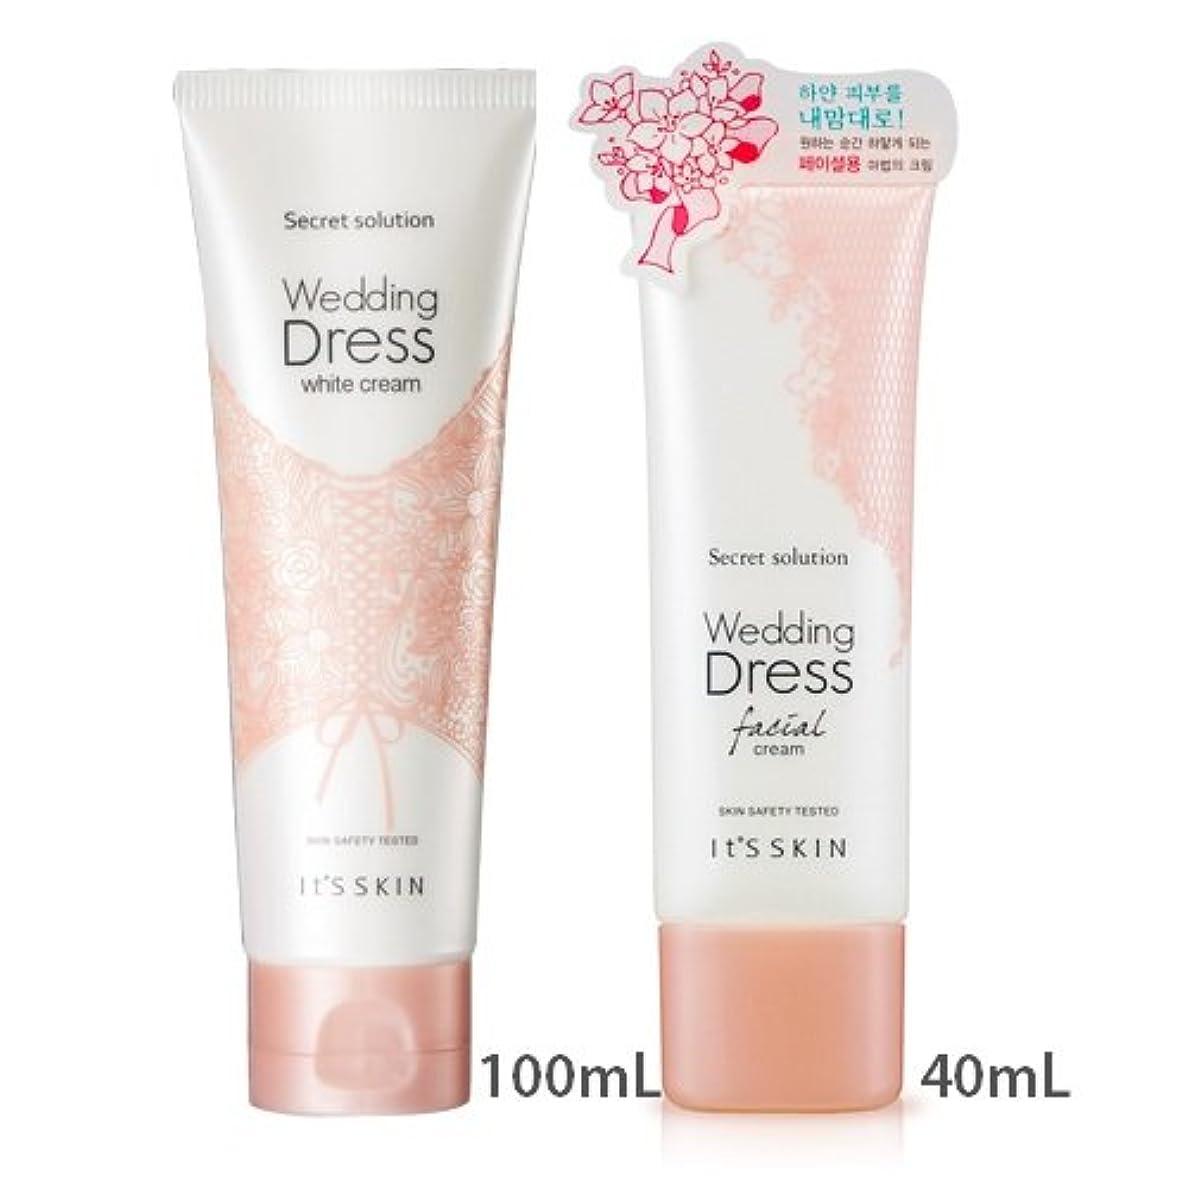 無心犯人定期的[1+1] It's skin Secret Solution Wedding Dress Facial Cream 40mL + Secret Solution Wedding Dress Cream 100mL イッツスキン...